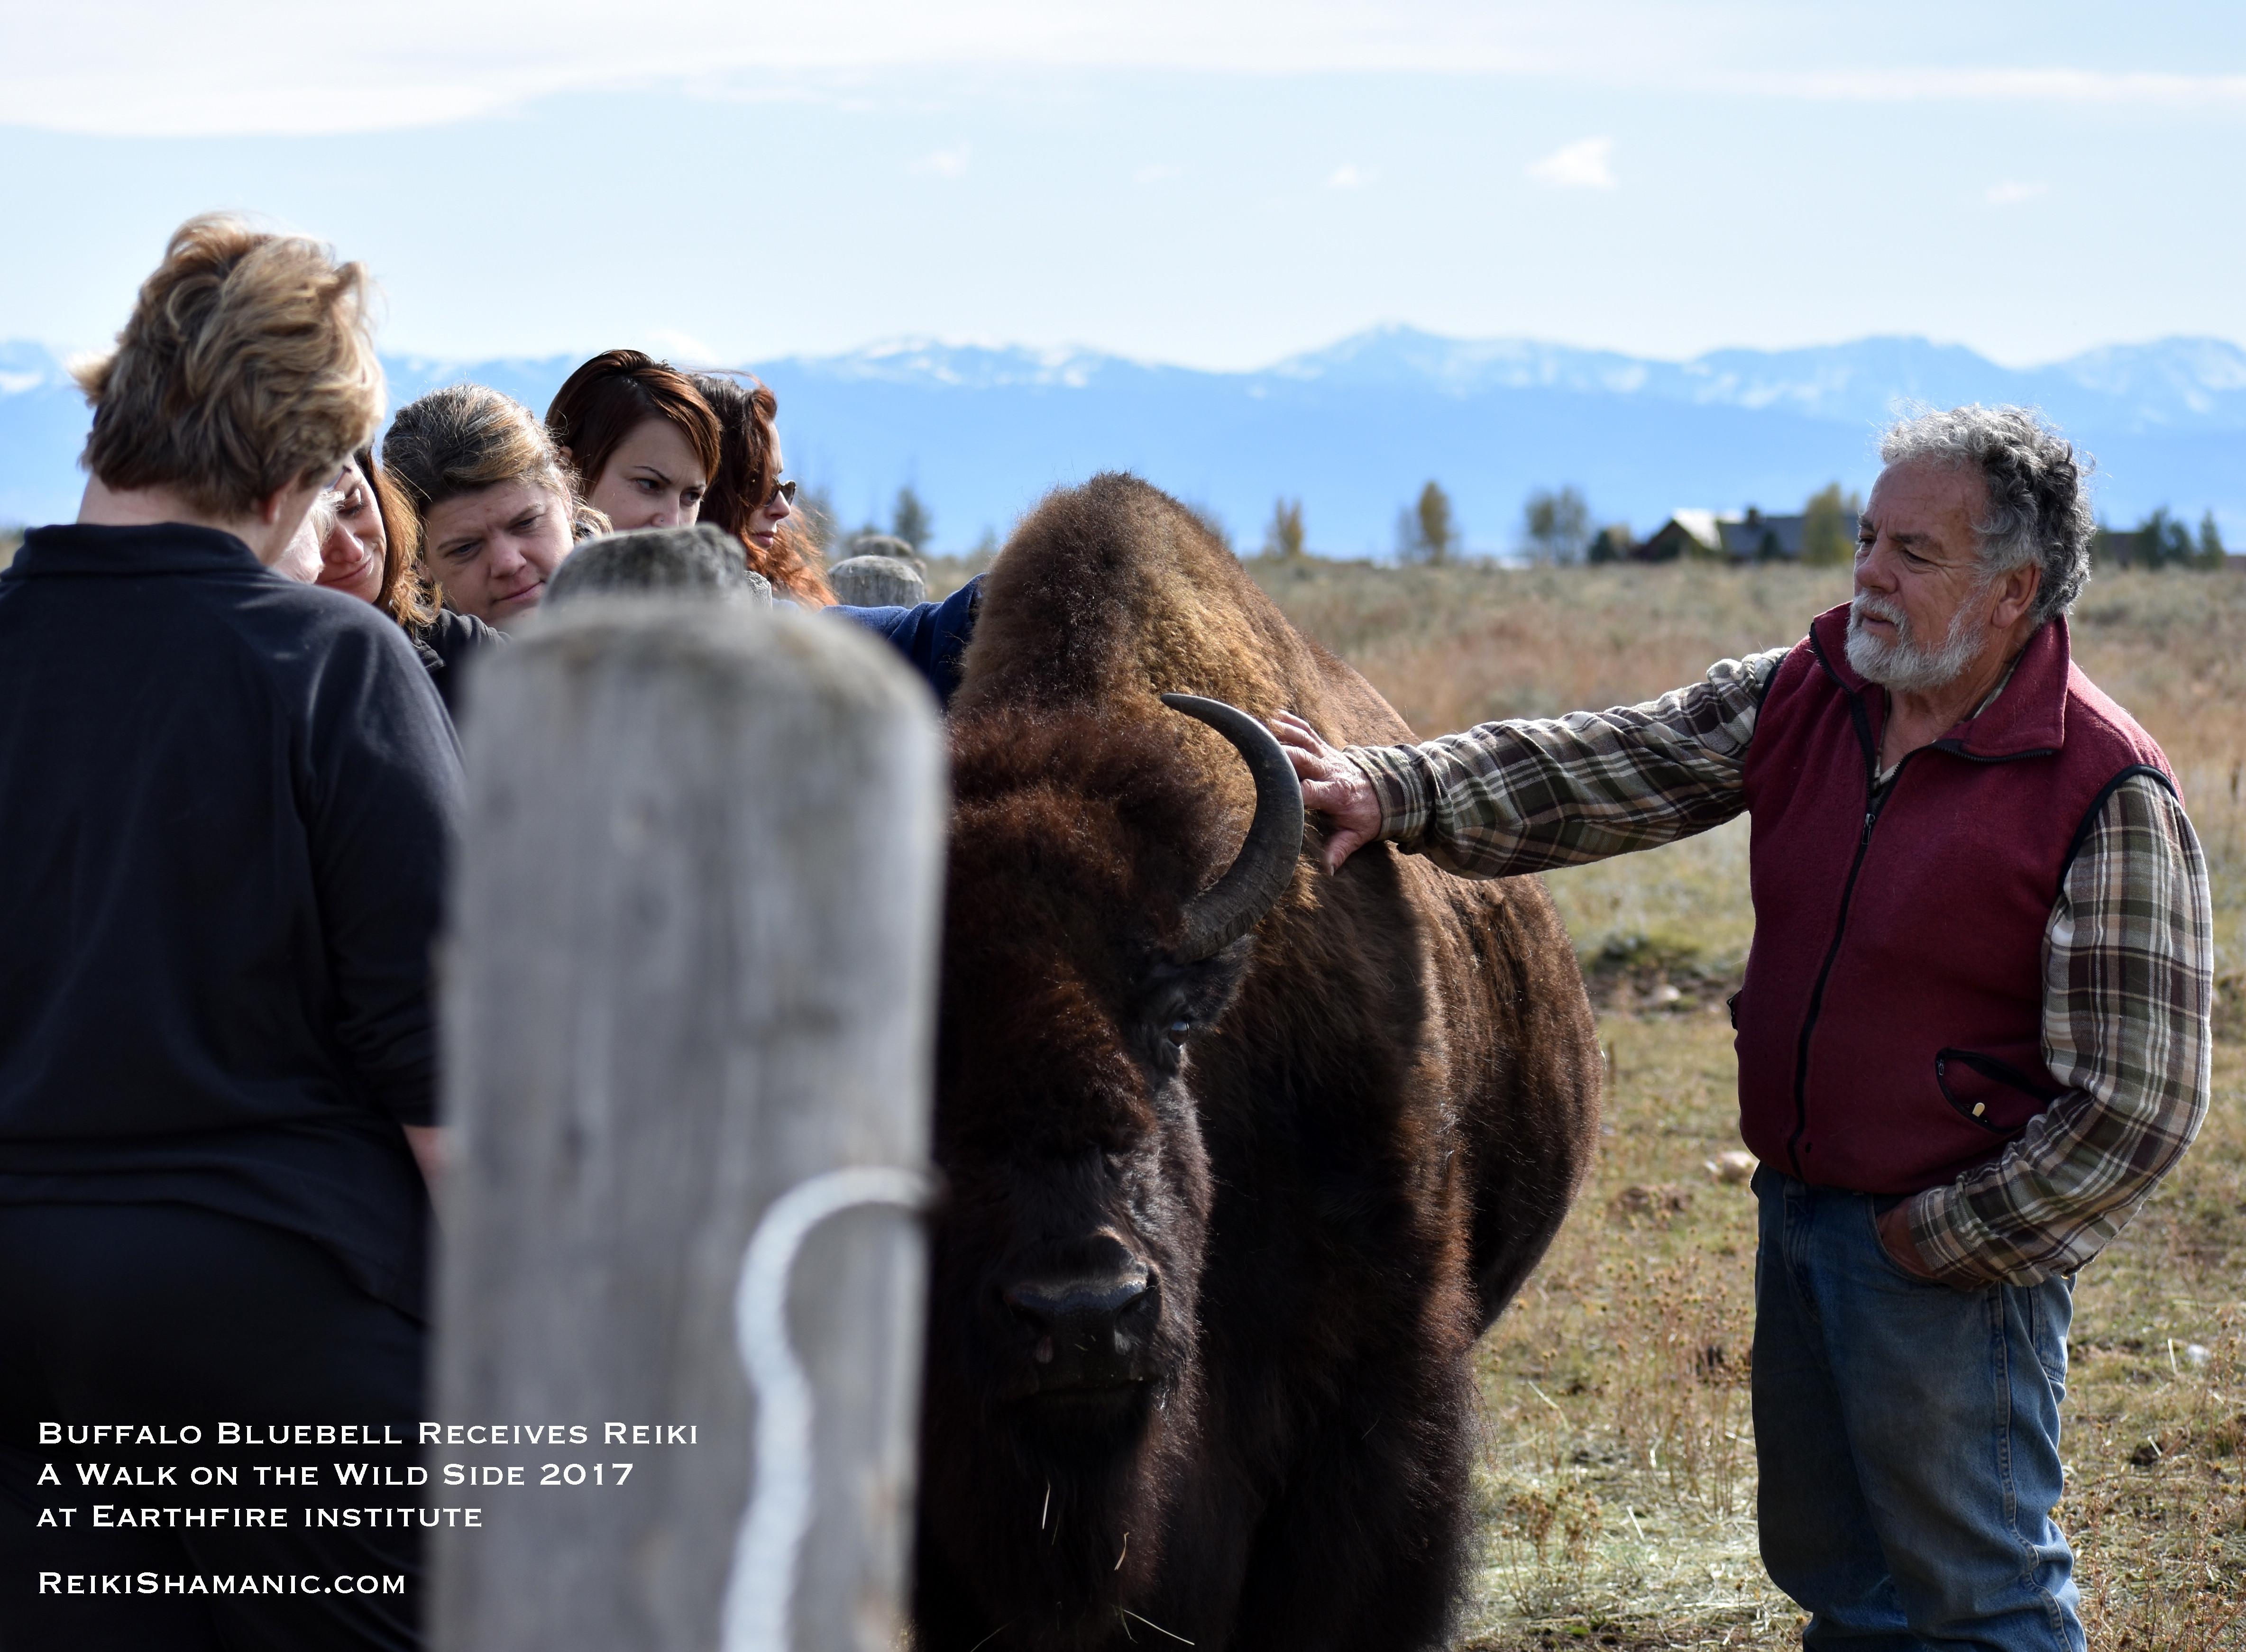 Buffalo Bluebell's Reiki Herd